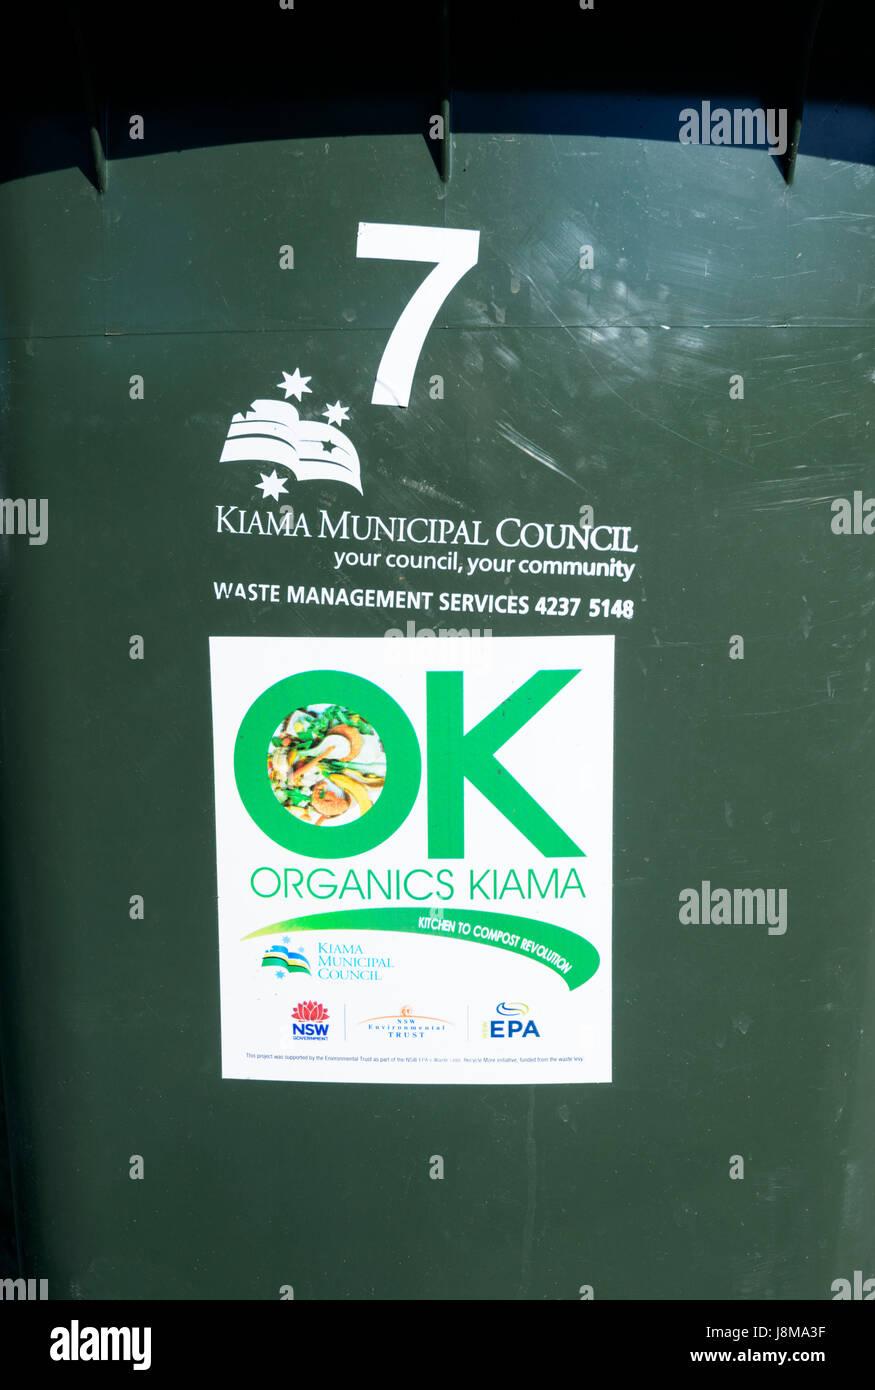 Segno di riciclaggio su un contenitore per il compost da elementi organici, Kiama, Nuovo Galles del Sud, NSW, Australia Immagini Stock